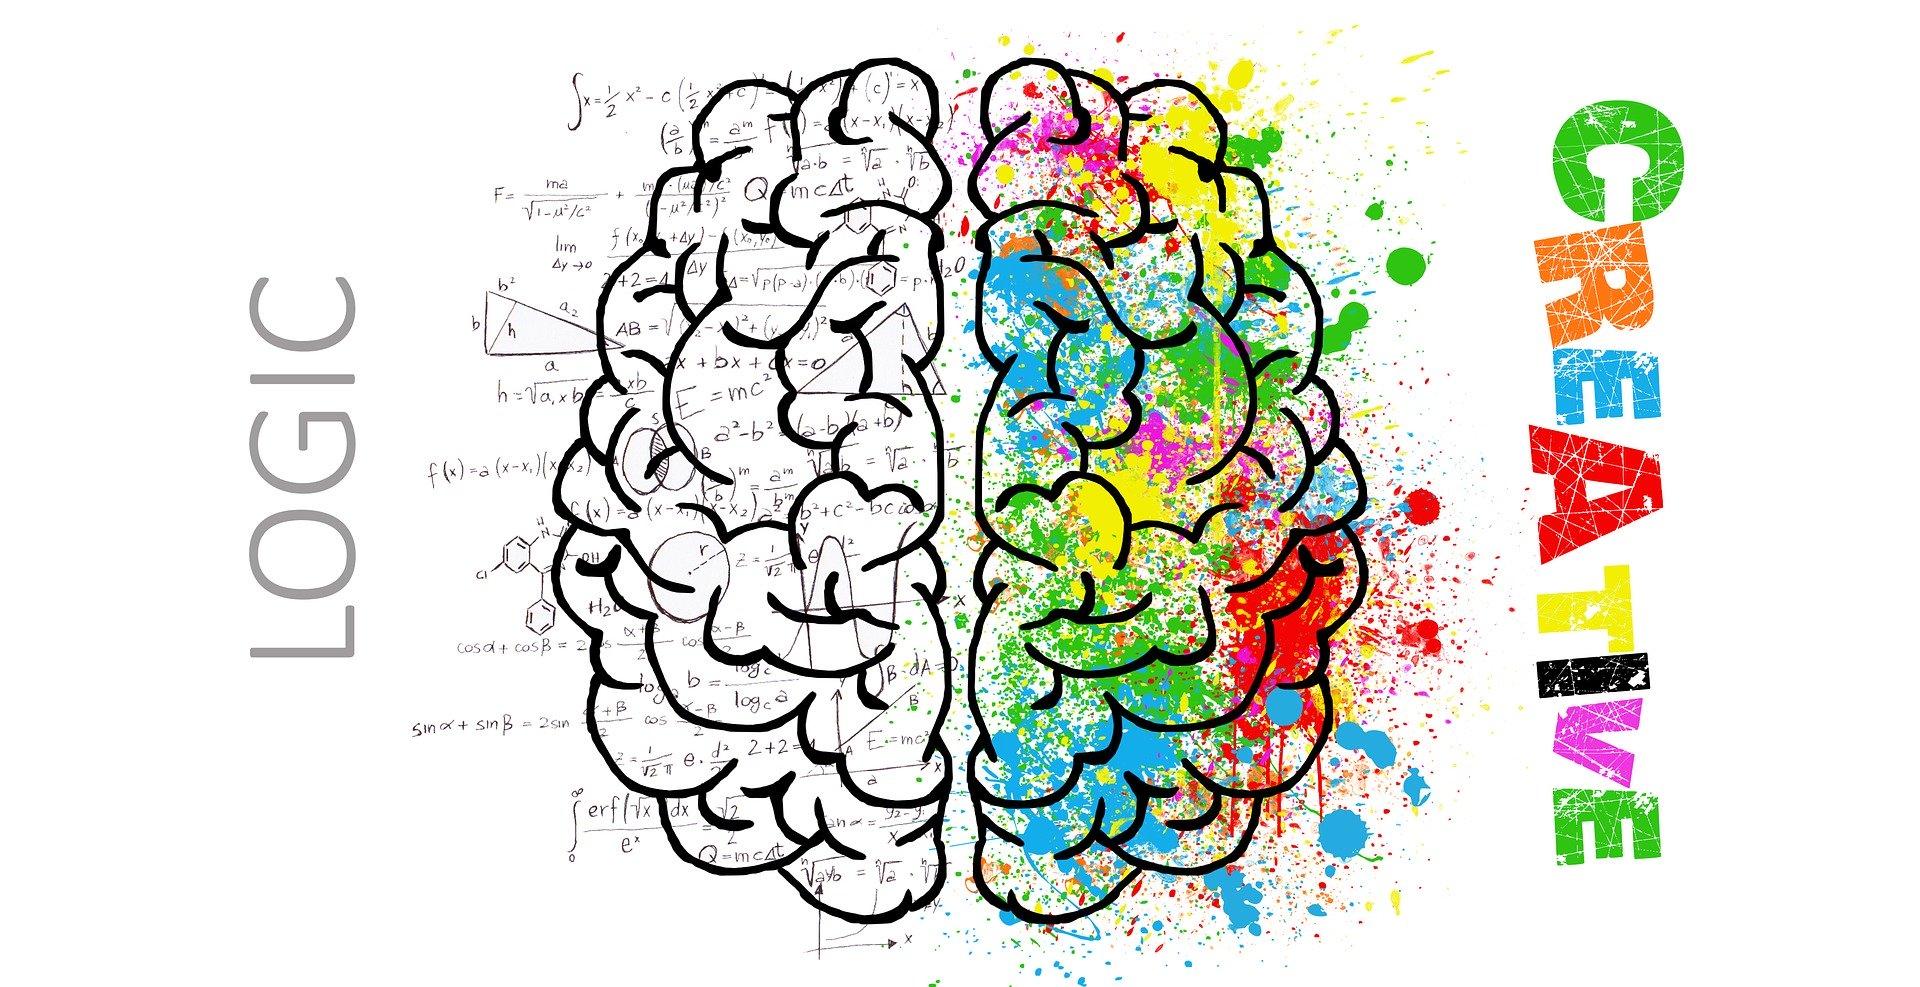 Trucchi di memoria: paradosso, azione, vivido 2